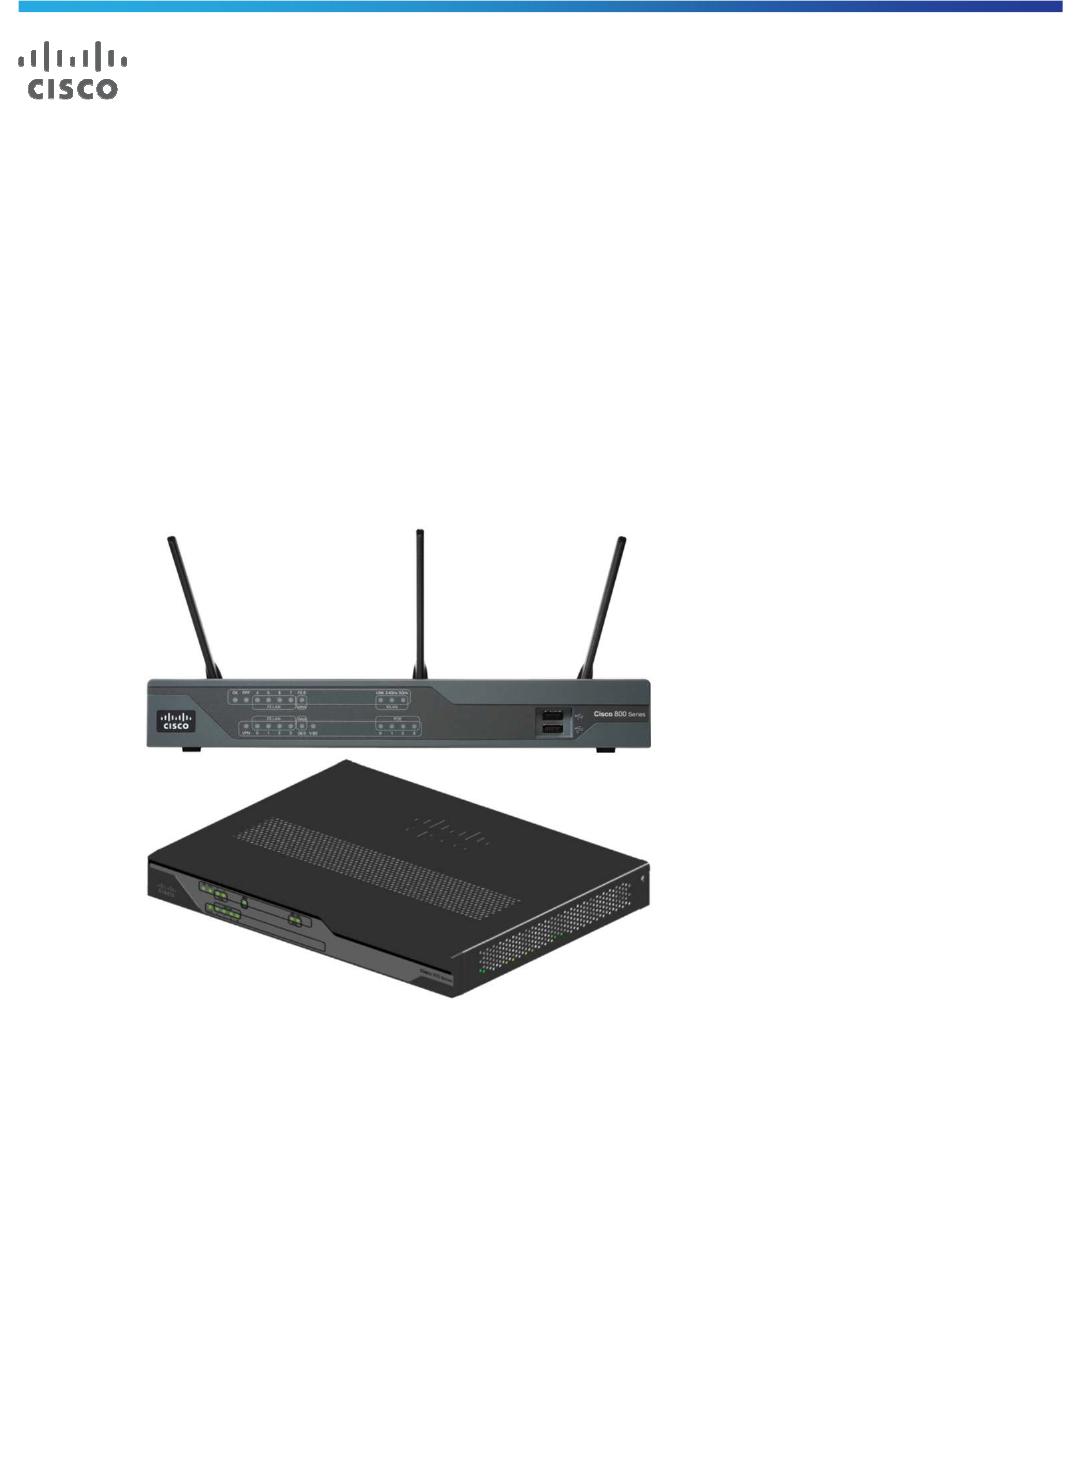 CISCO ACS-890-RM-19 rack ears CISCO 891 F 891 FW router with